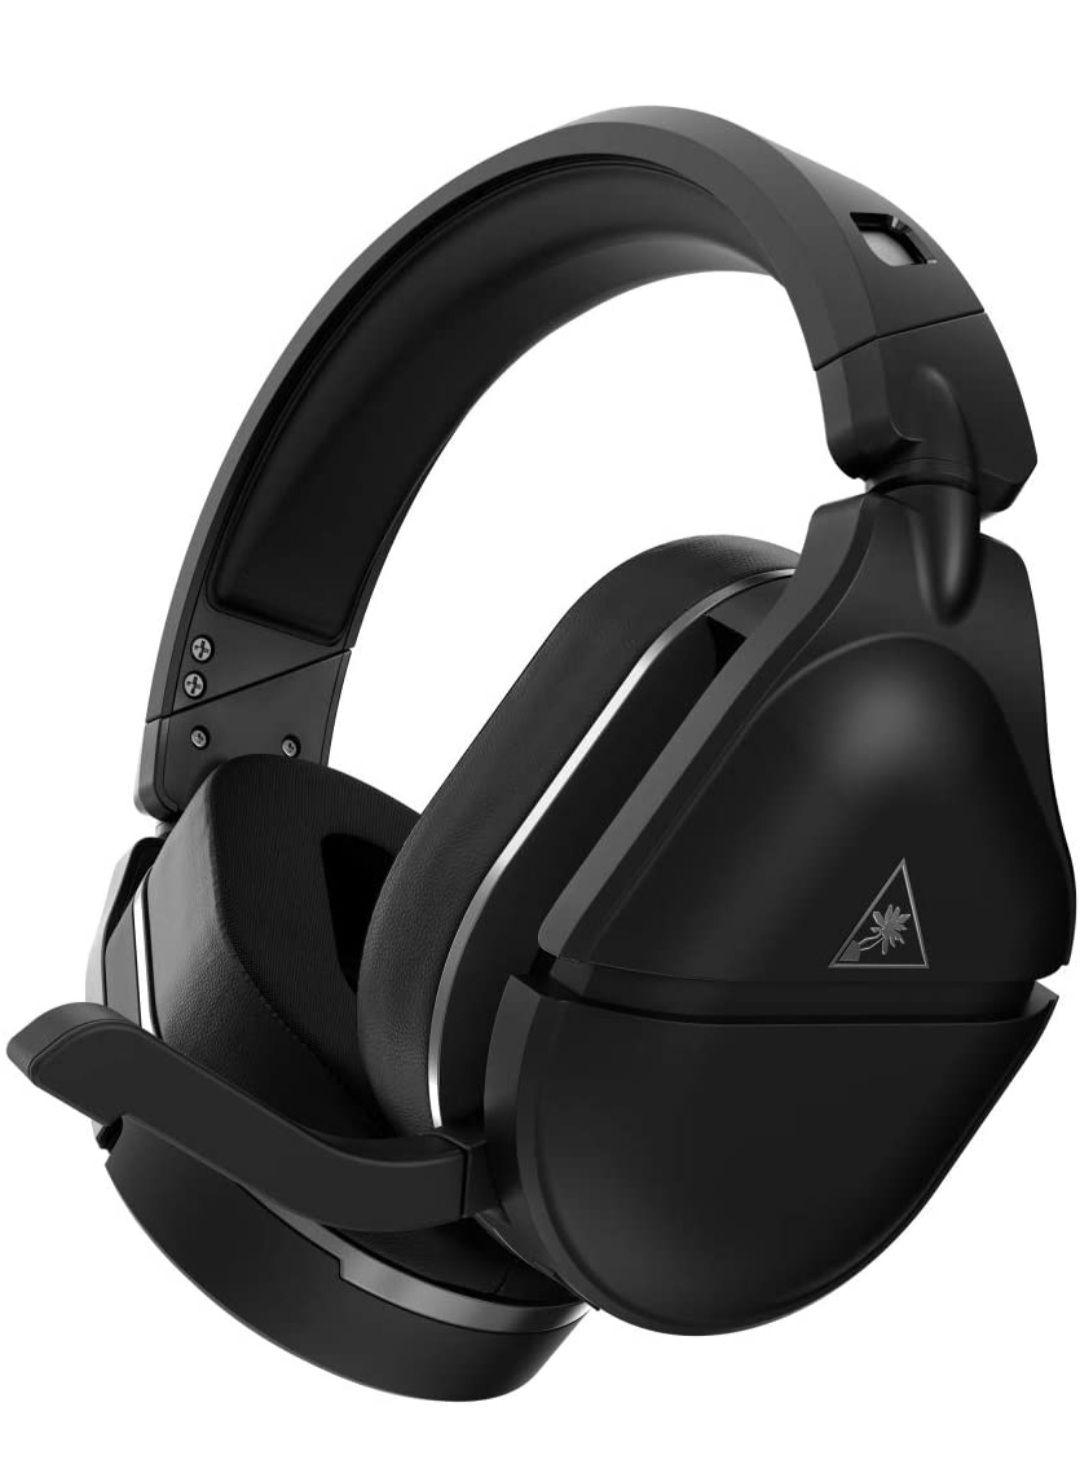 """[Gebraucht] Turtle Beach Stealth 700 Gen 2 - PS4 & PS5 Wireless-Headset [Amazon WHD - """"Sehr gut""""]"""